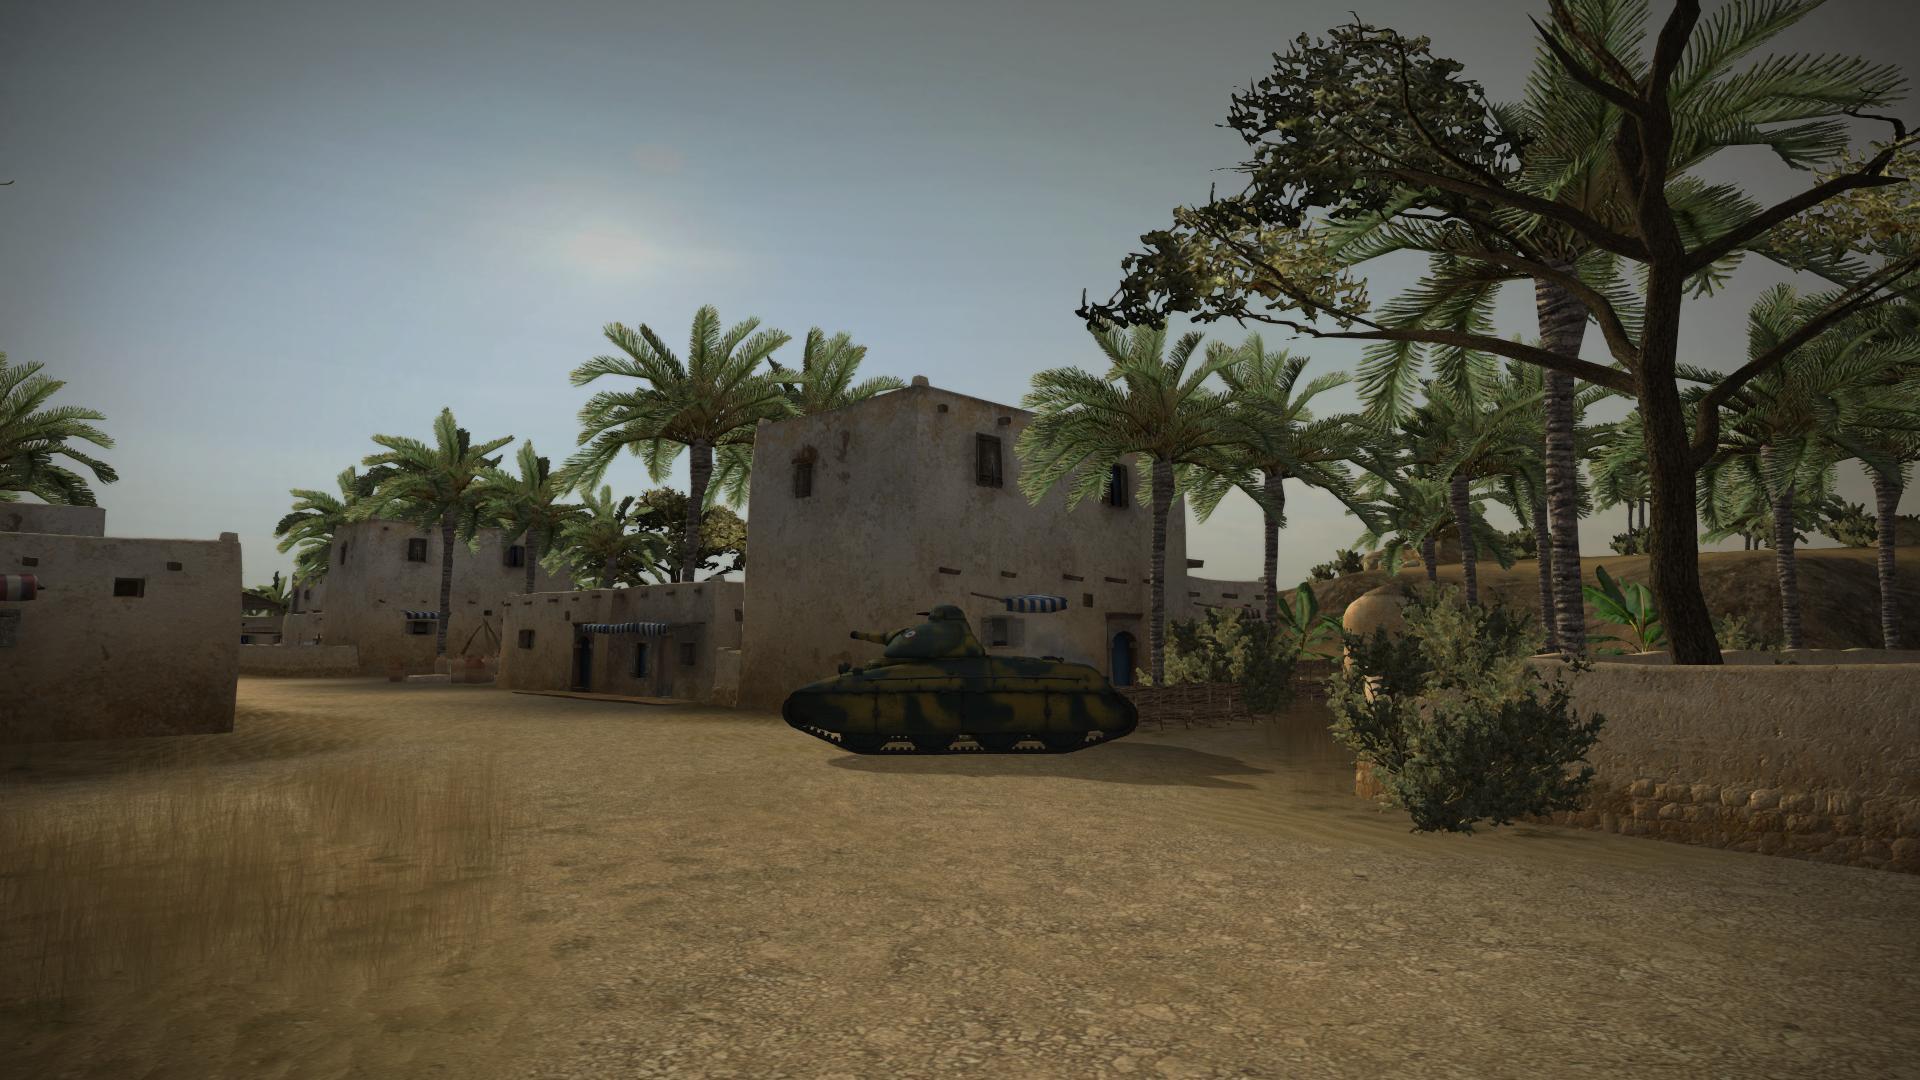 Klicke auf die Grafik für eine größere AnsichtName:AMX-40_6.jpgHits:78Größe:254,3 KBID:6077